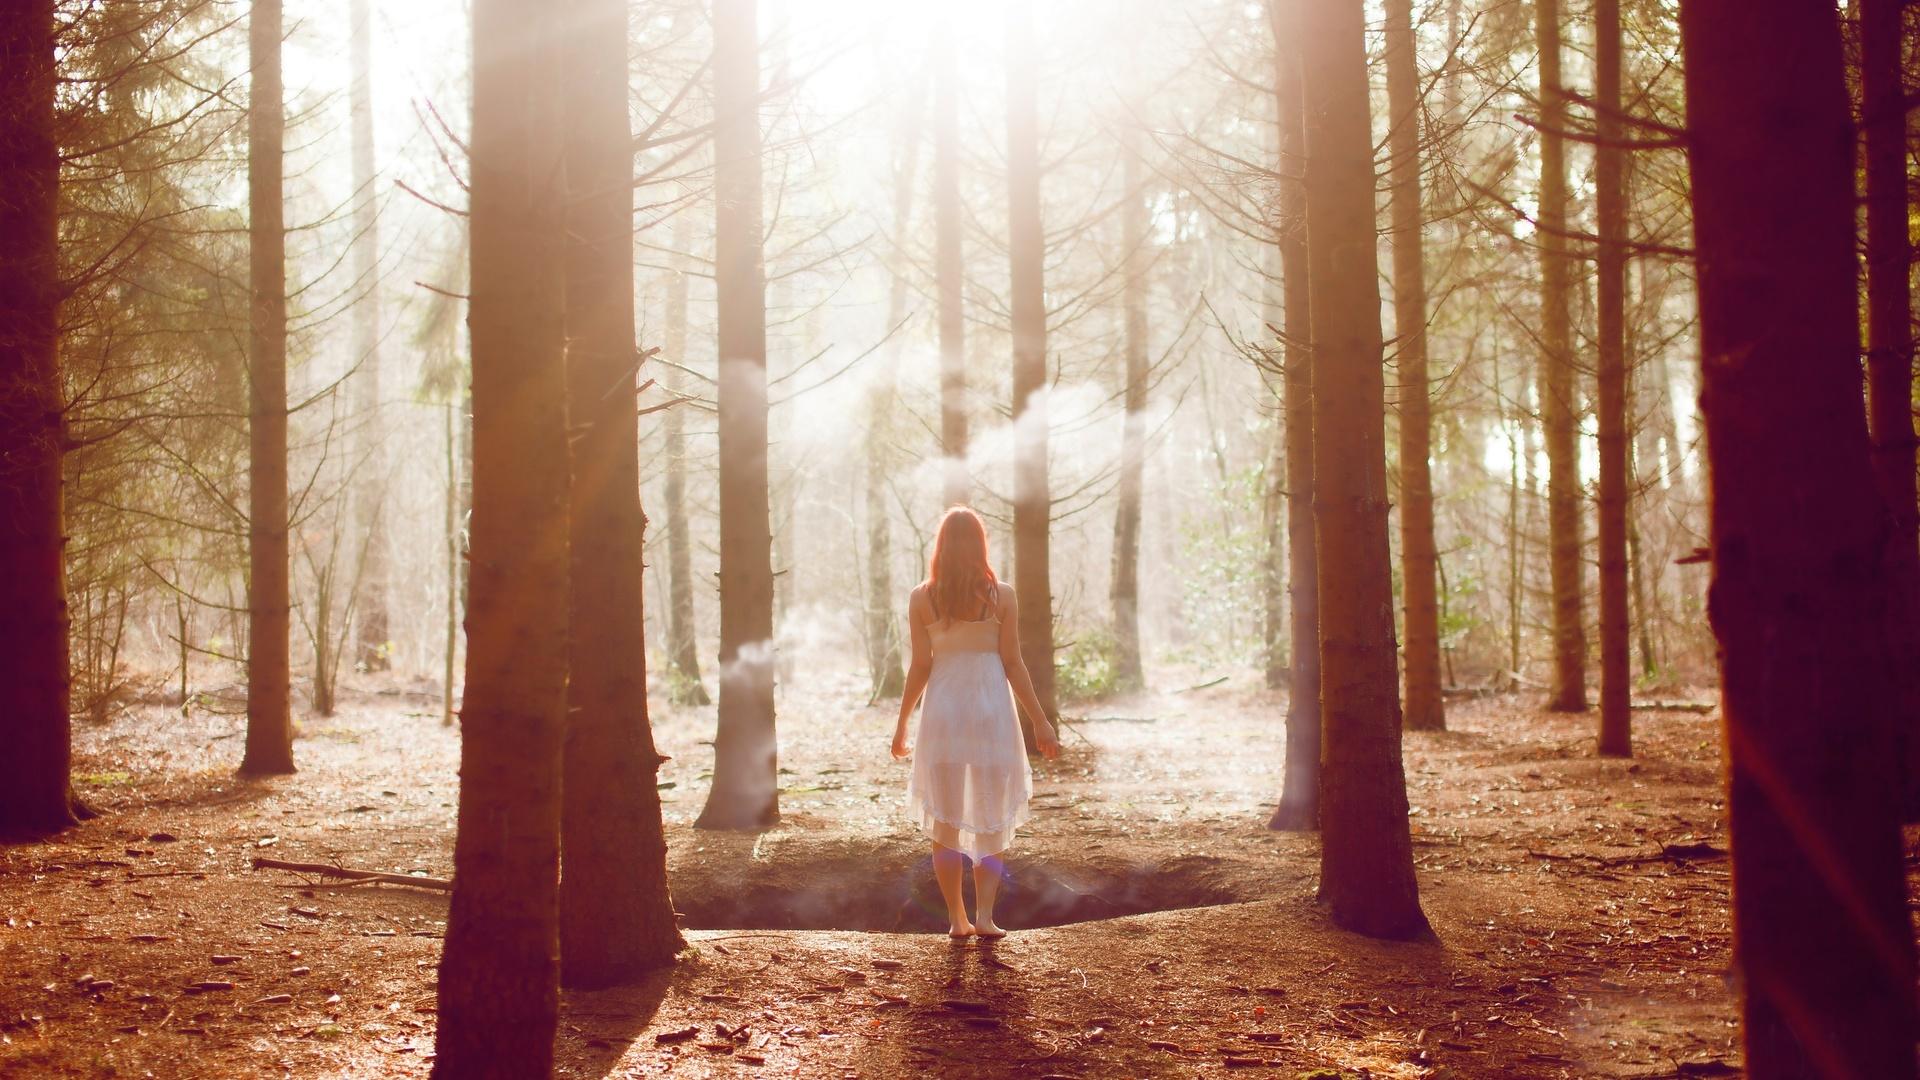 Картинки одинокая девушка в лесу